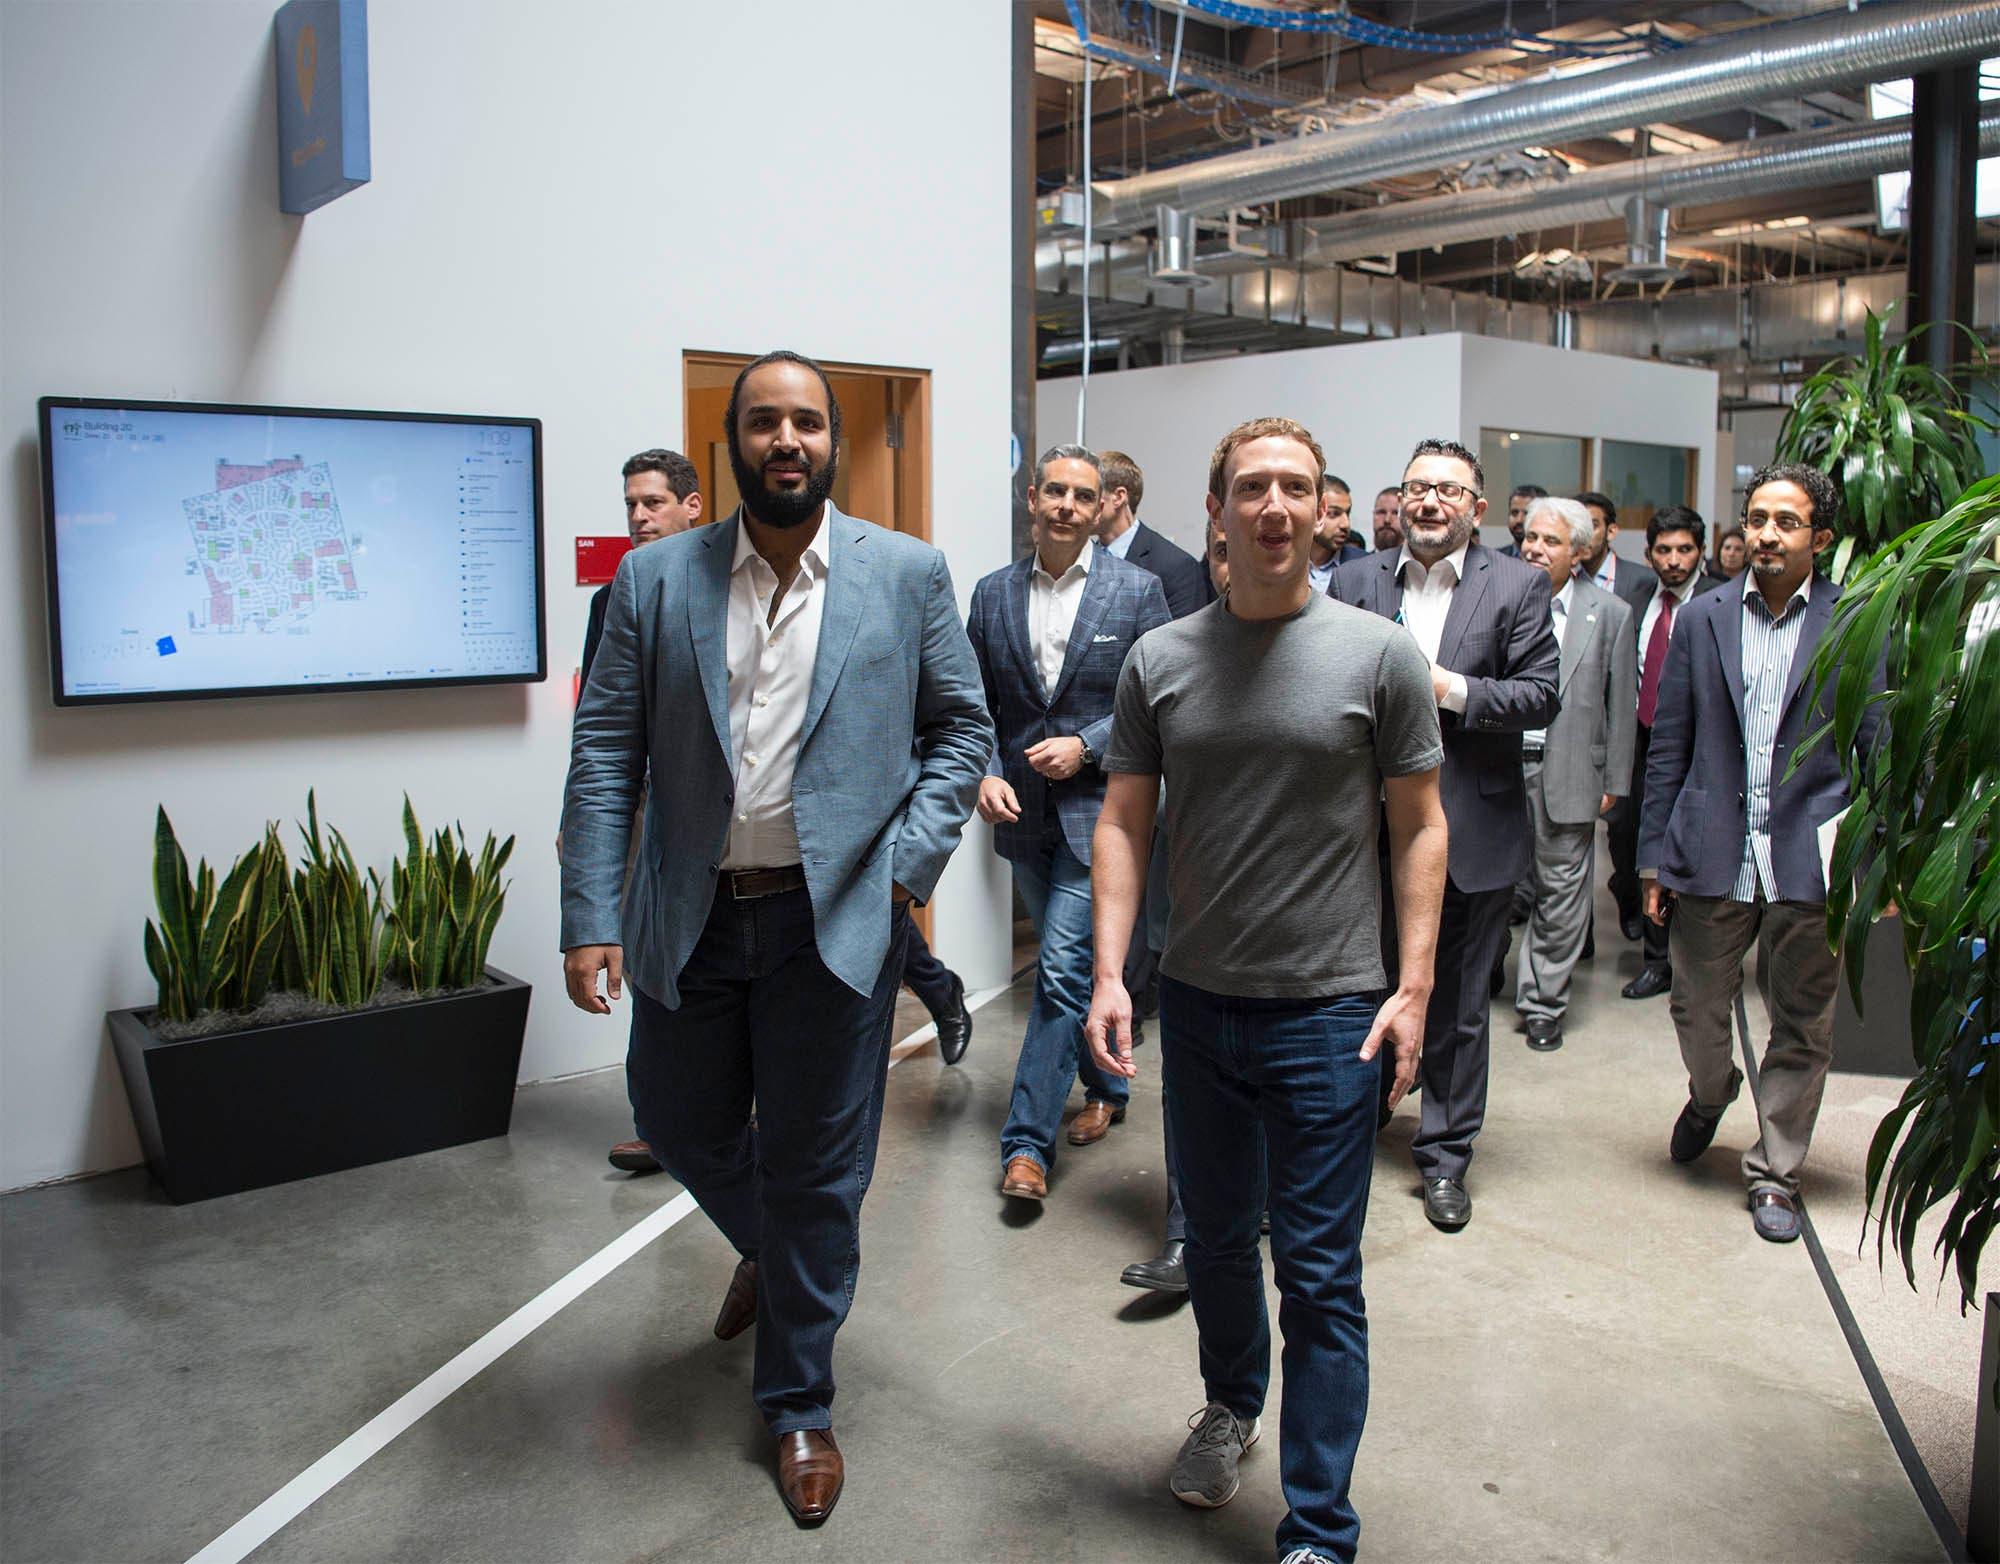 شاهزاده محمد بن سلمان به همراه مارک زاکربرگ مدیر اجرایی شرکت فیس بوک